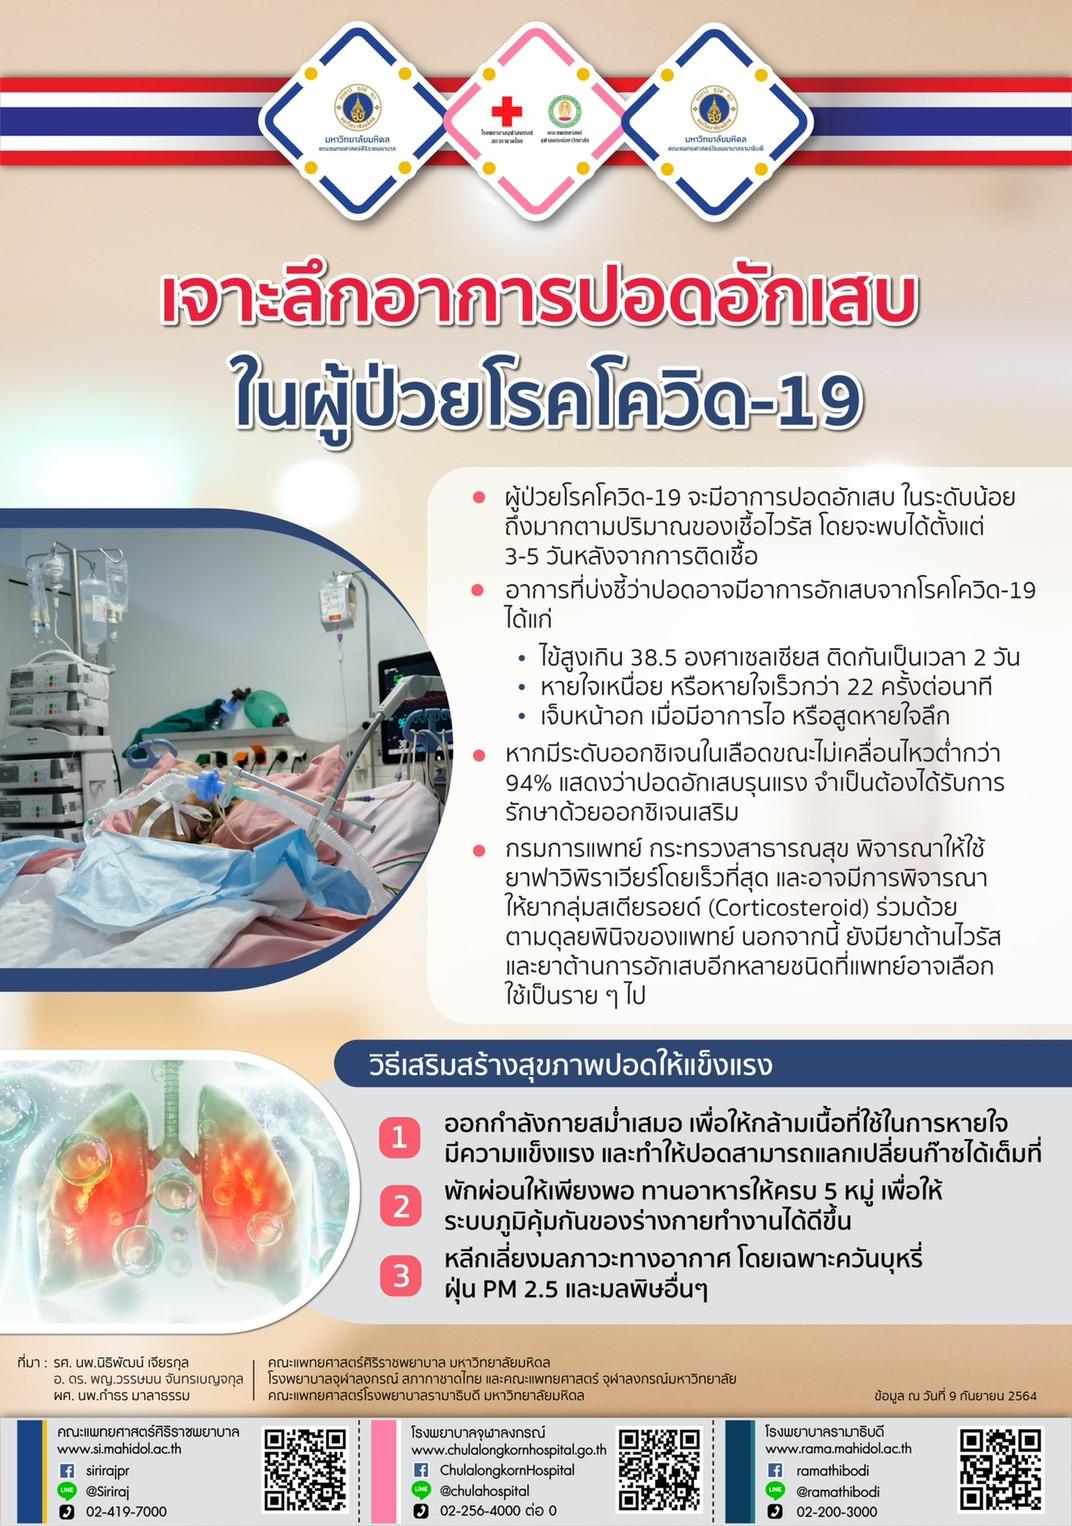 เจาะลึกอาการปอดอักเสบในผู้ป่วยโรคโควิด-19